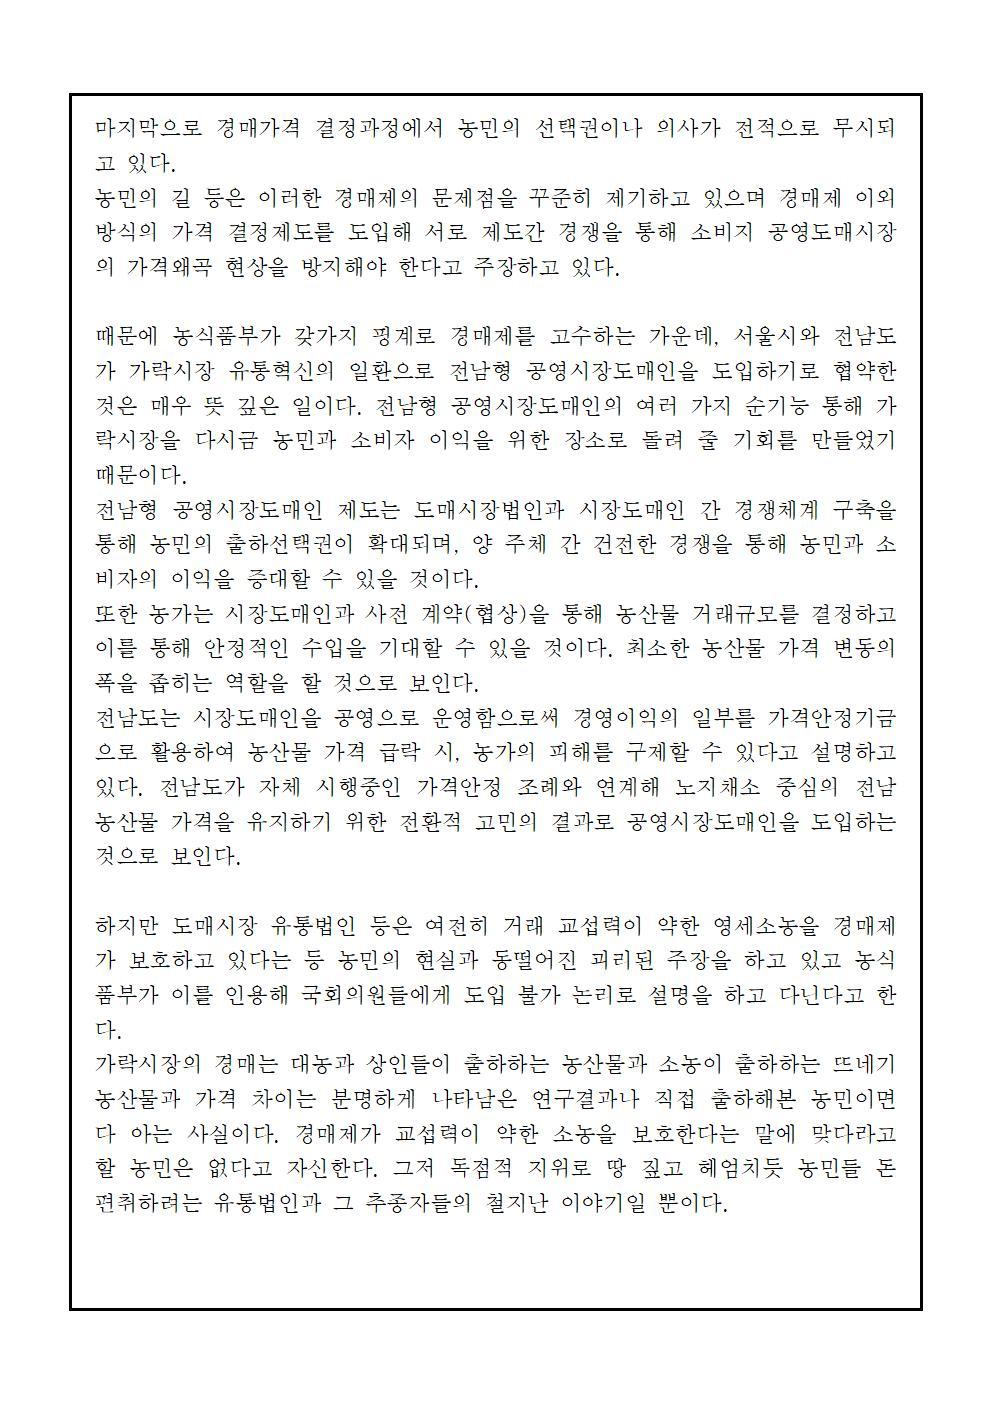 201014 서울시-전라남도의 가락시장 공영 시장도매인 도입 추진을 대환영한다002.jpg